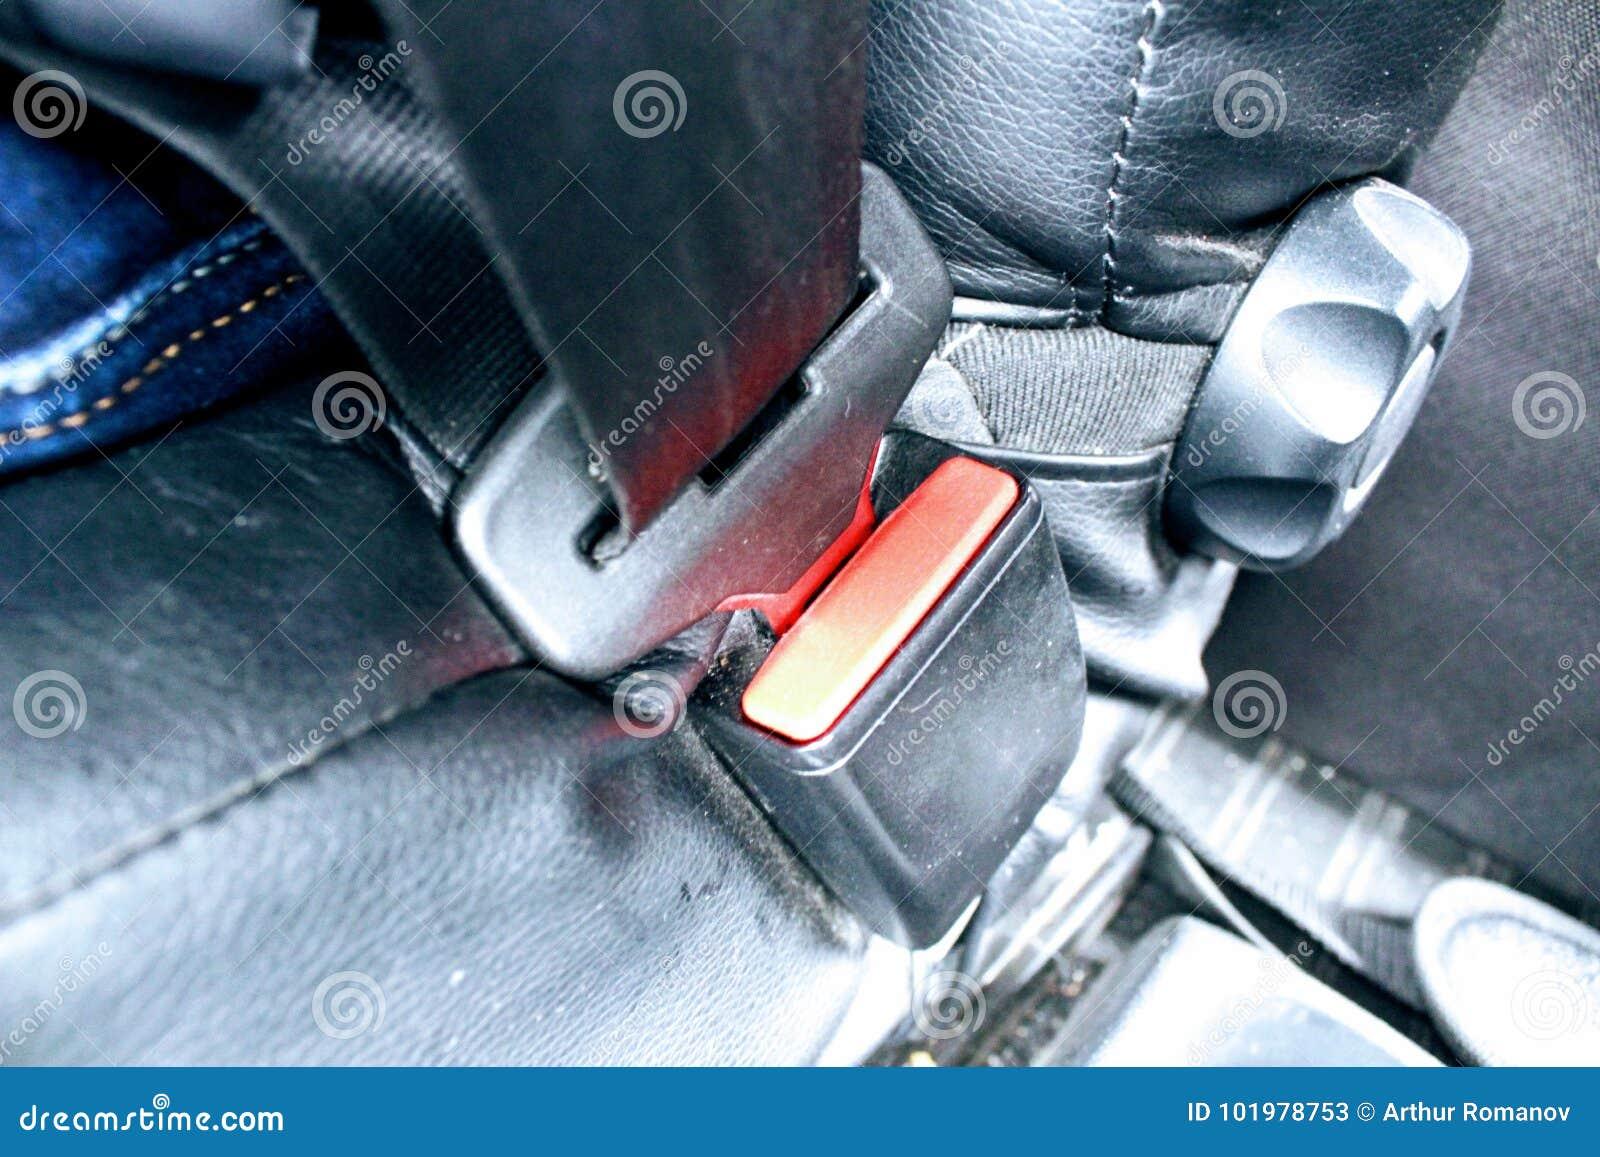 Asseguração de um cinto de segurança do automóvel